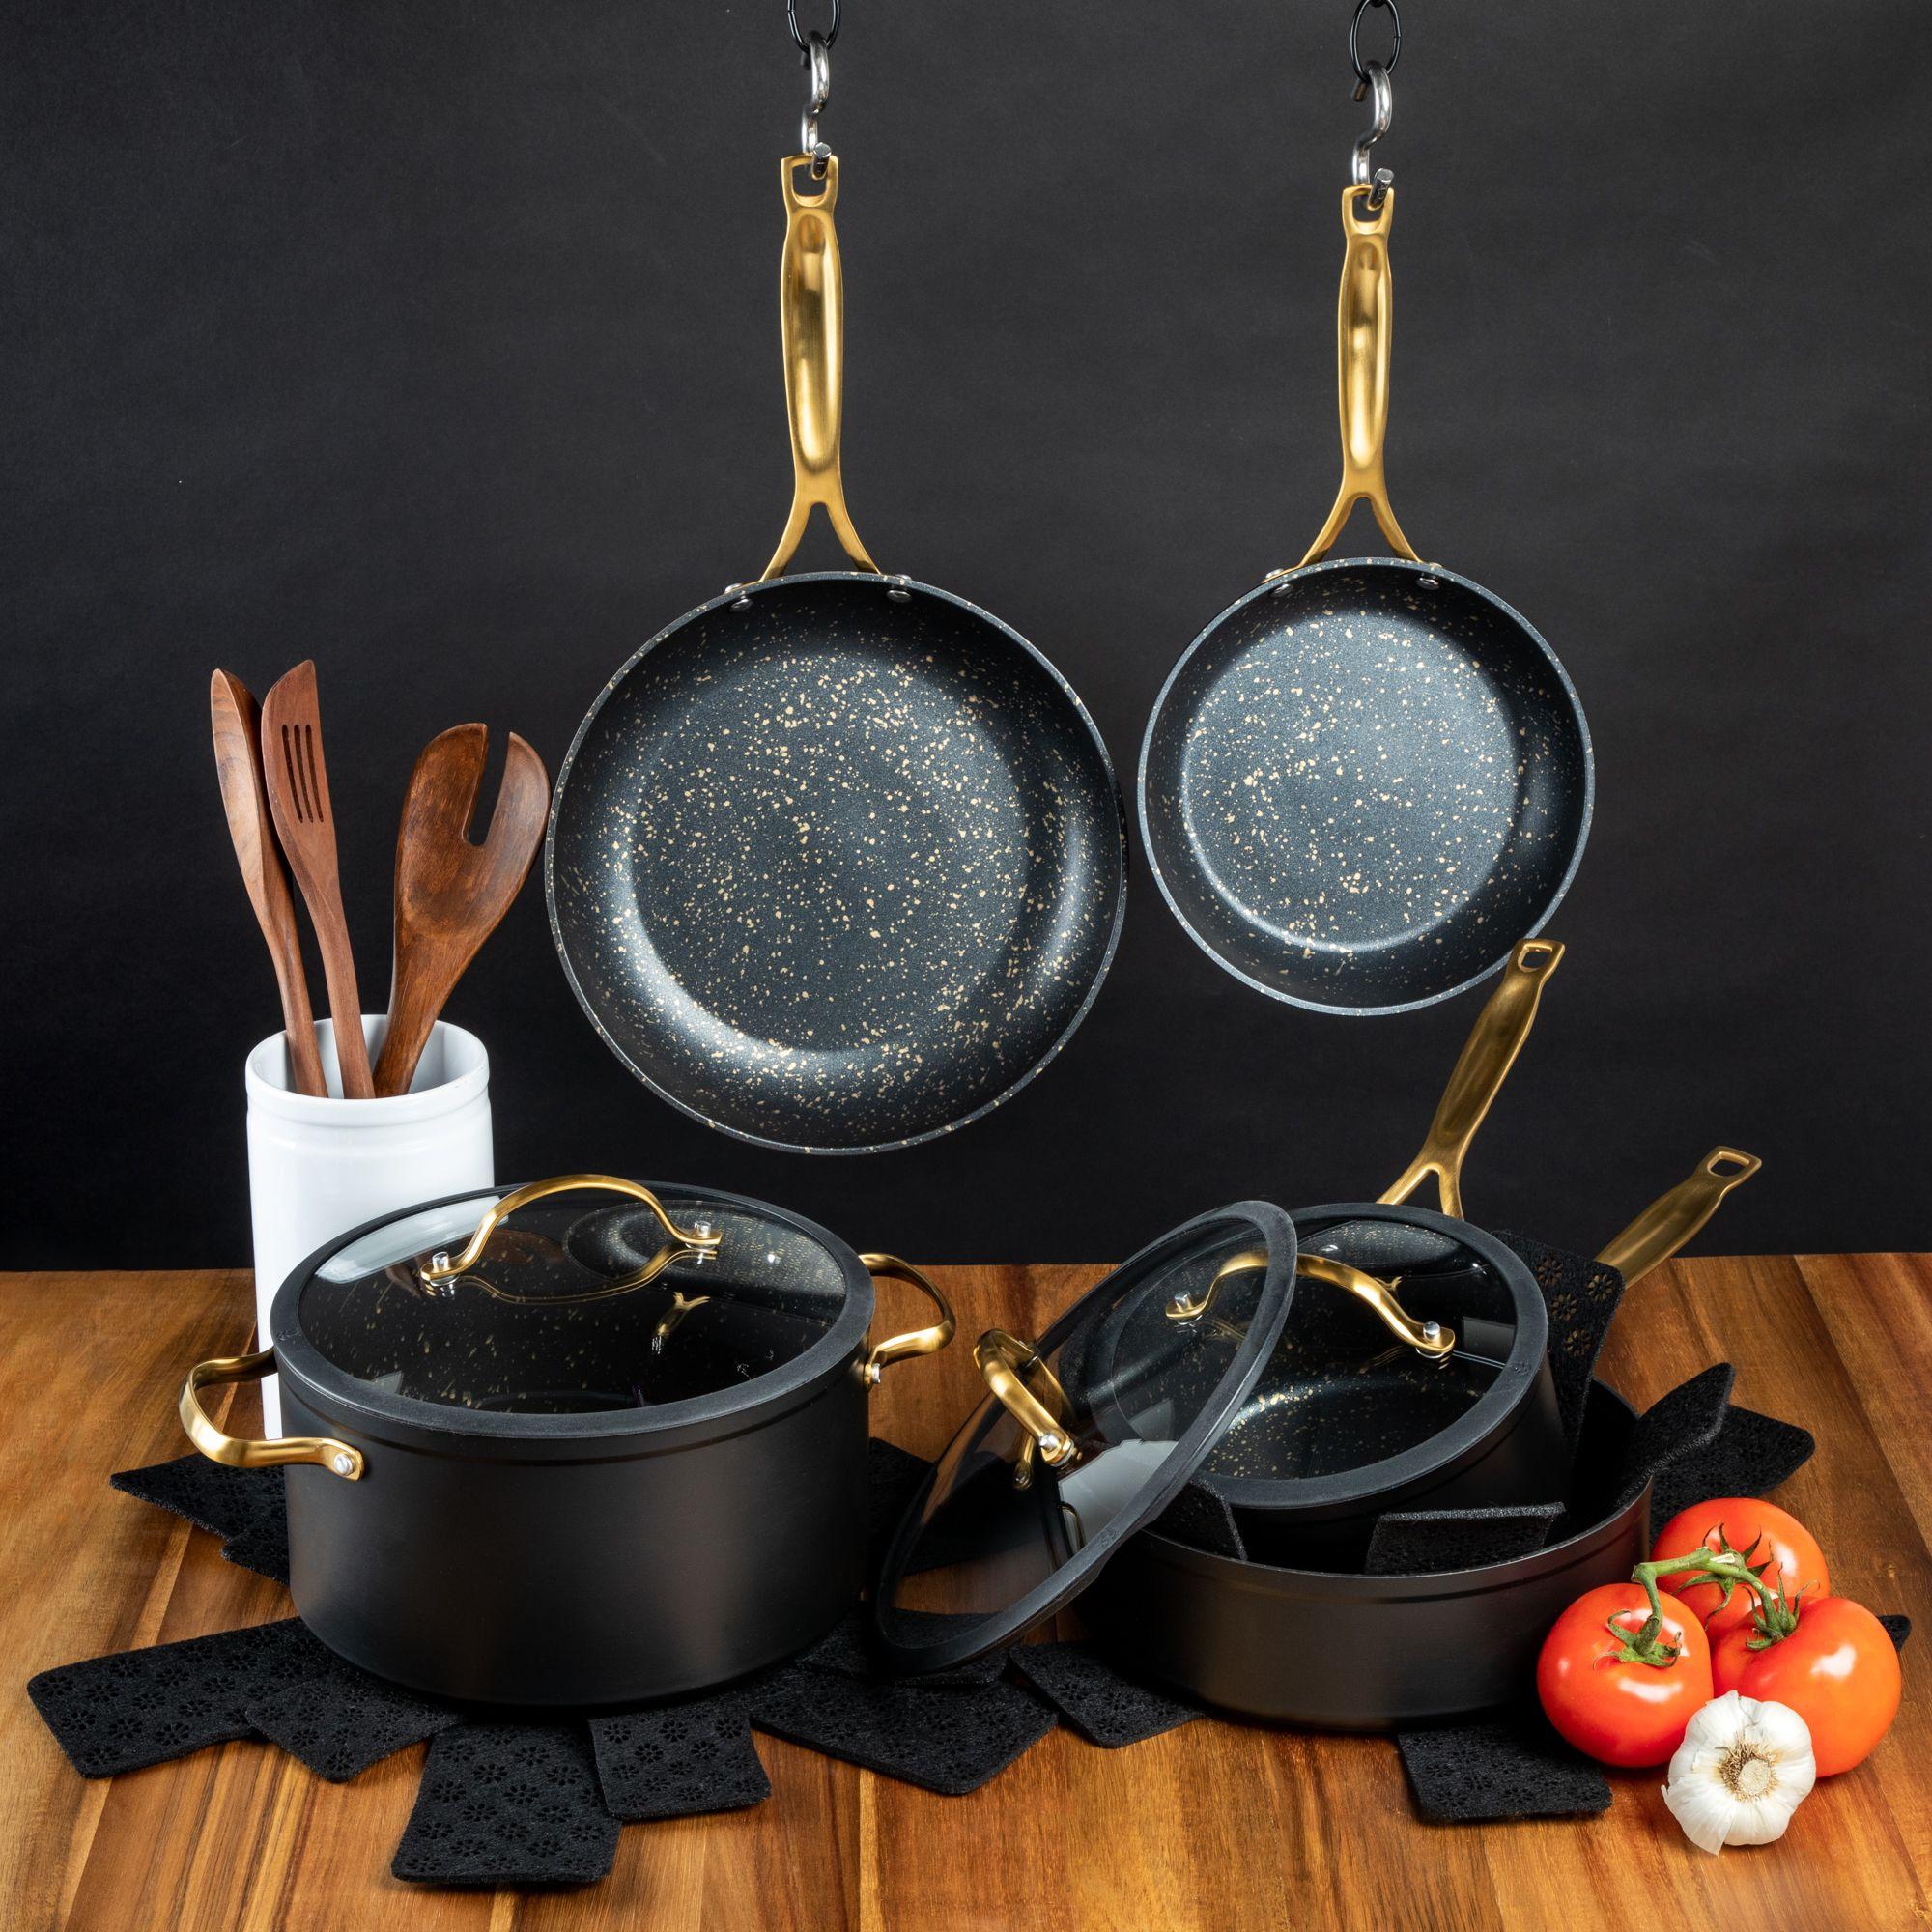 pans speckled kitchenware